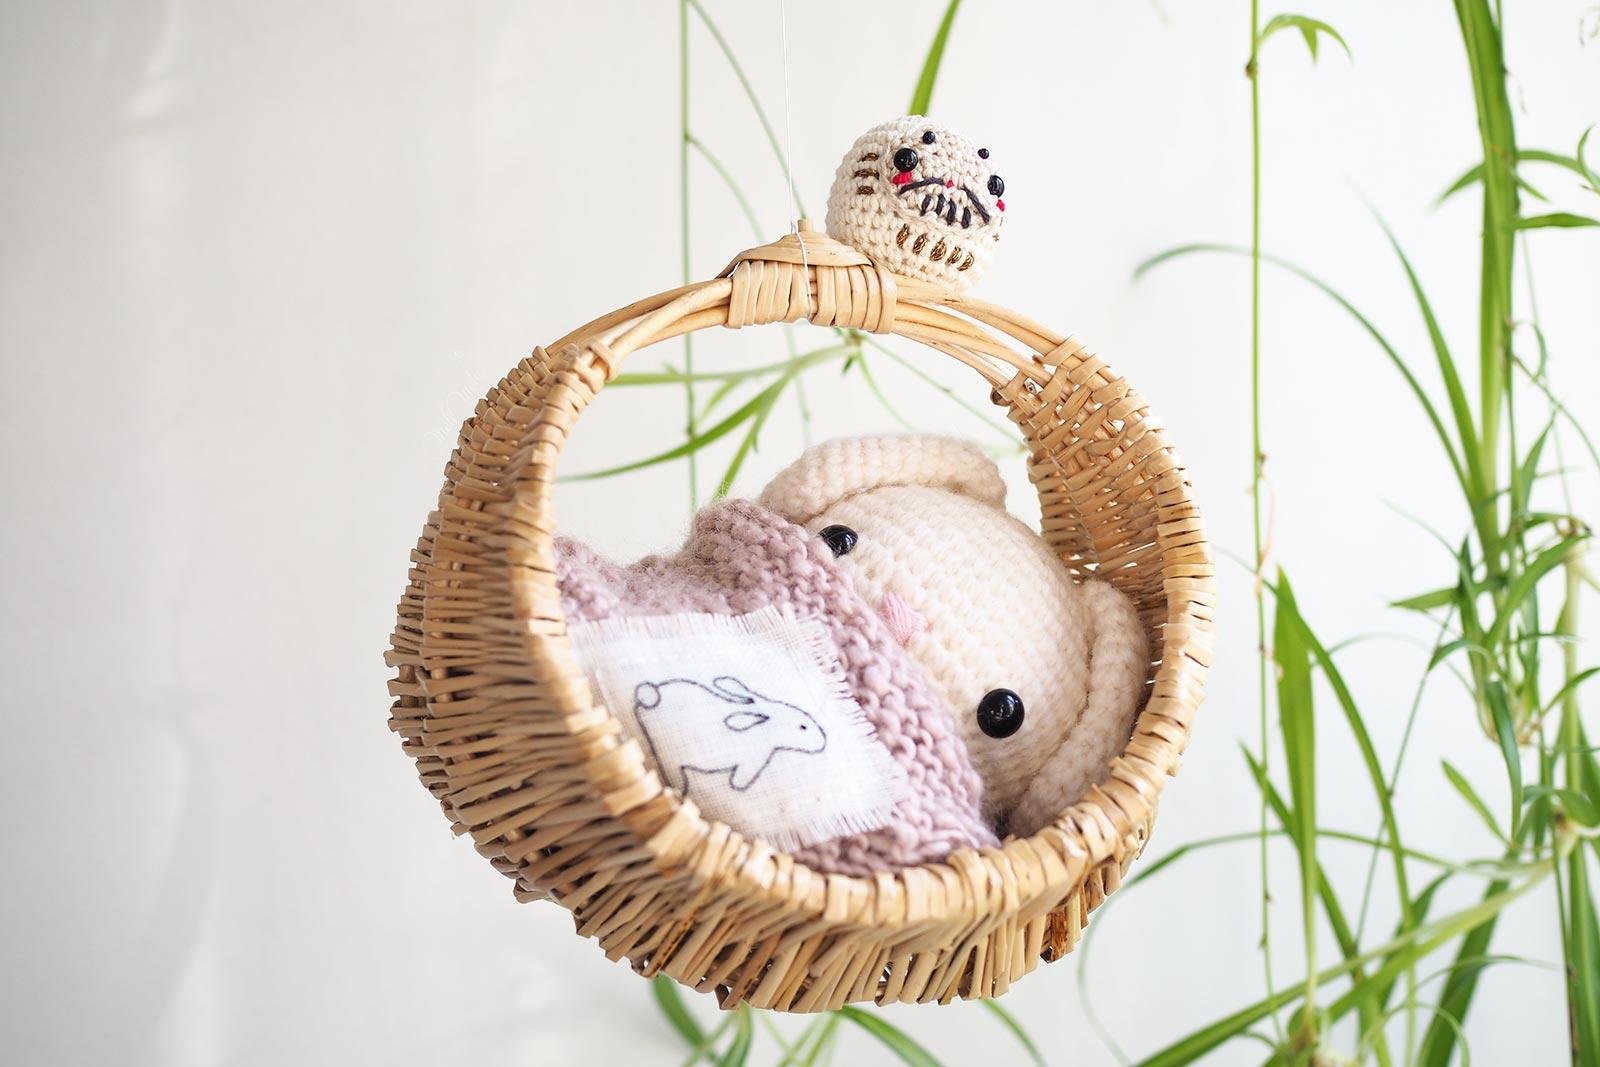 crochet lapin amulette Daruma amigurumi cesta mimbre osier Boutique MeliMelo